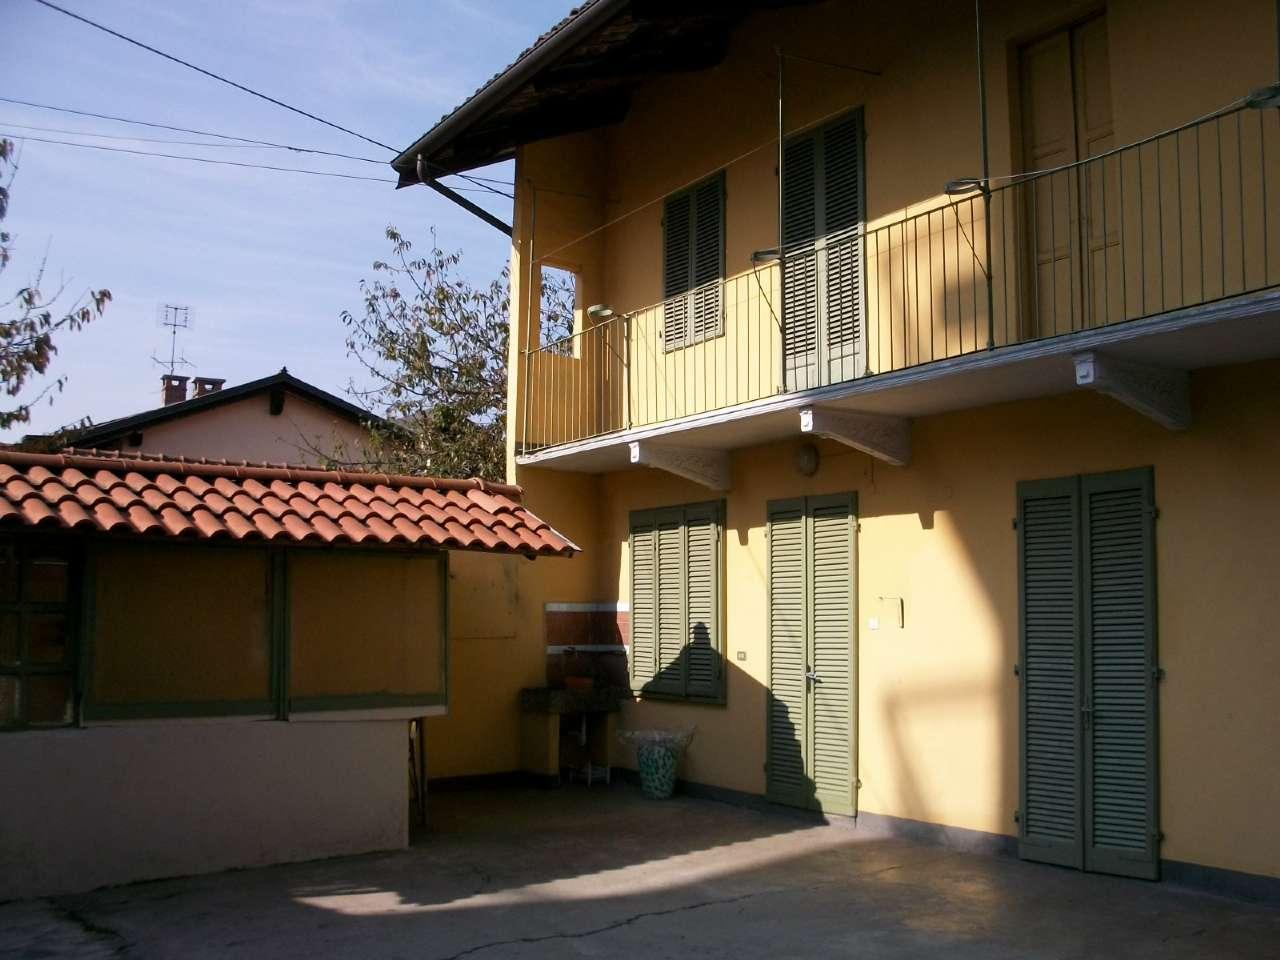 Foto 1 di Casa indipendente piazza ROMA 3, Rondissone